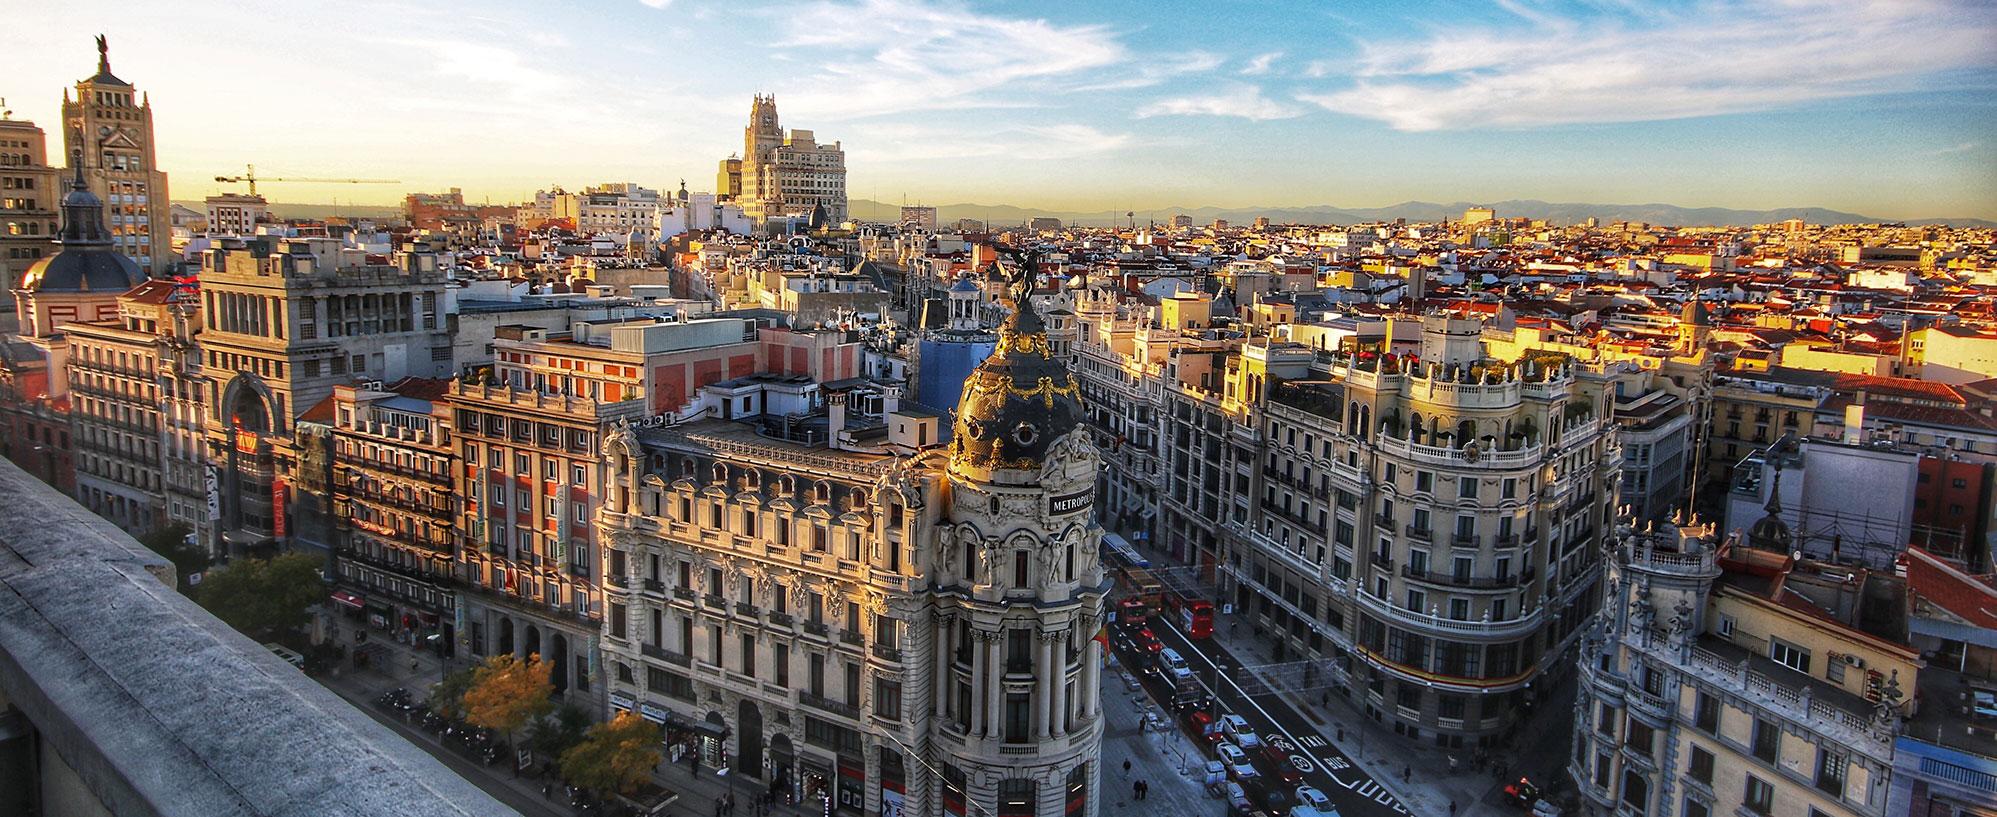 ¿Qué ver en Madrid? 5 lugares imprescindibles que debes conocer si vienes a Madrid.